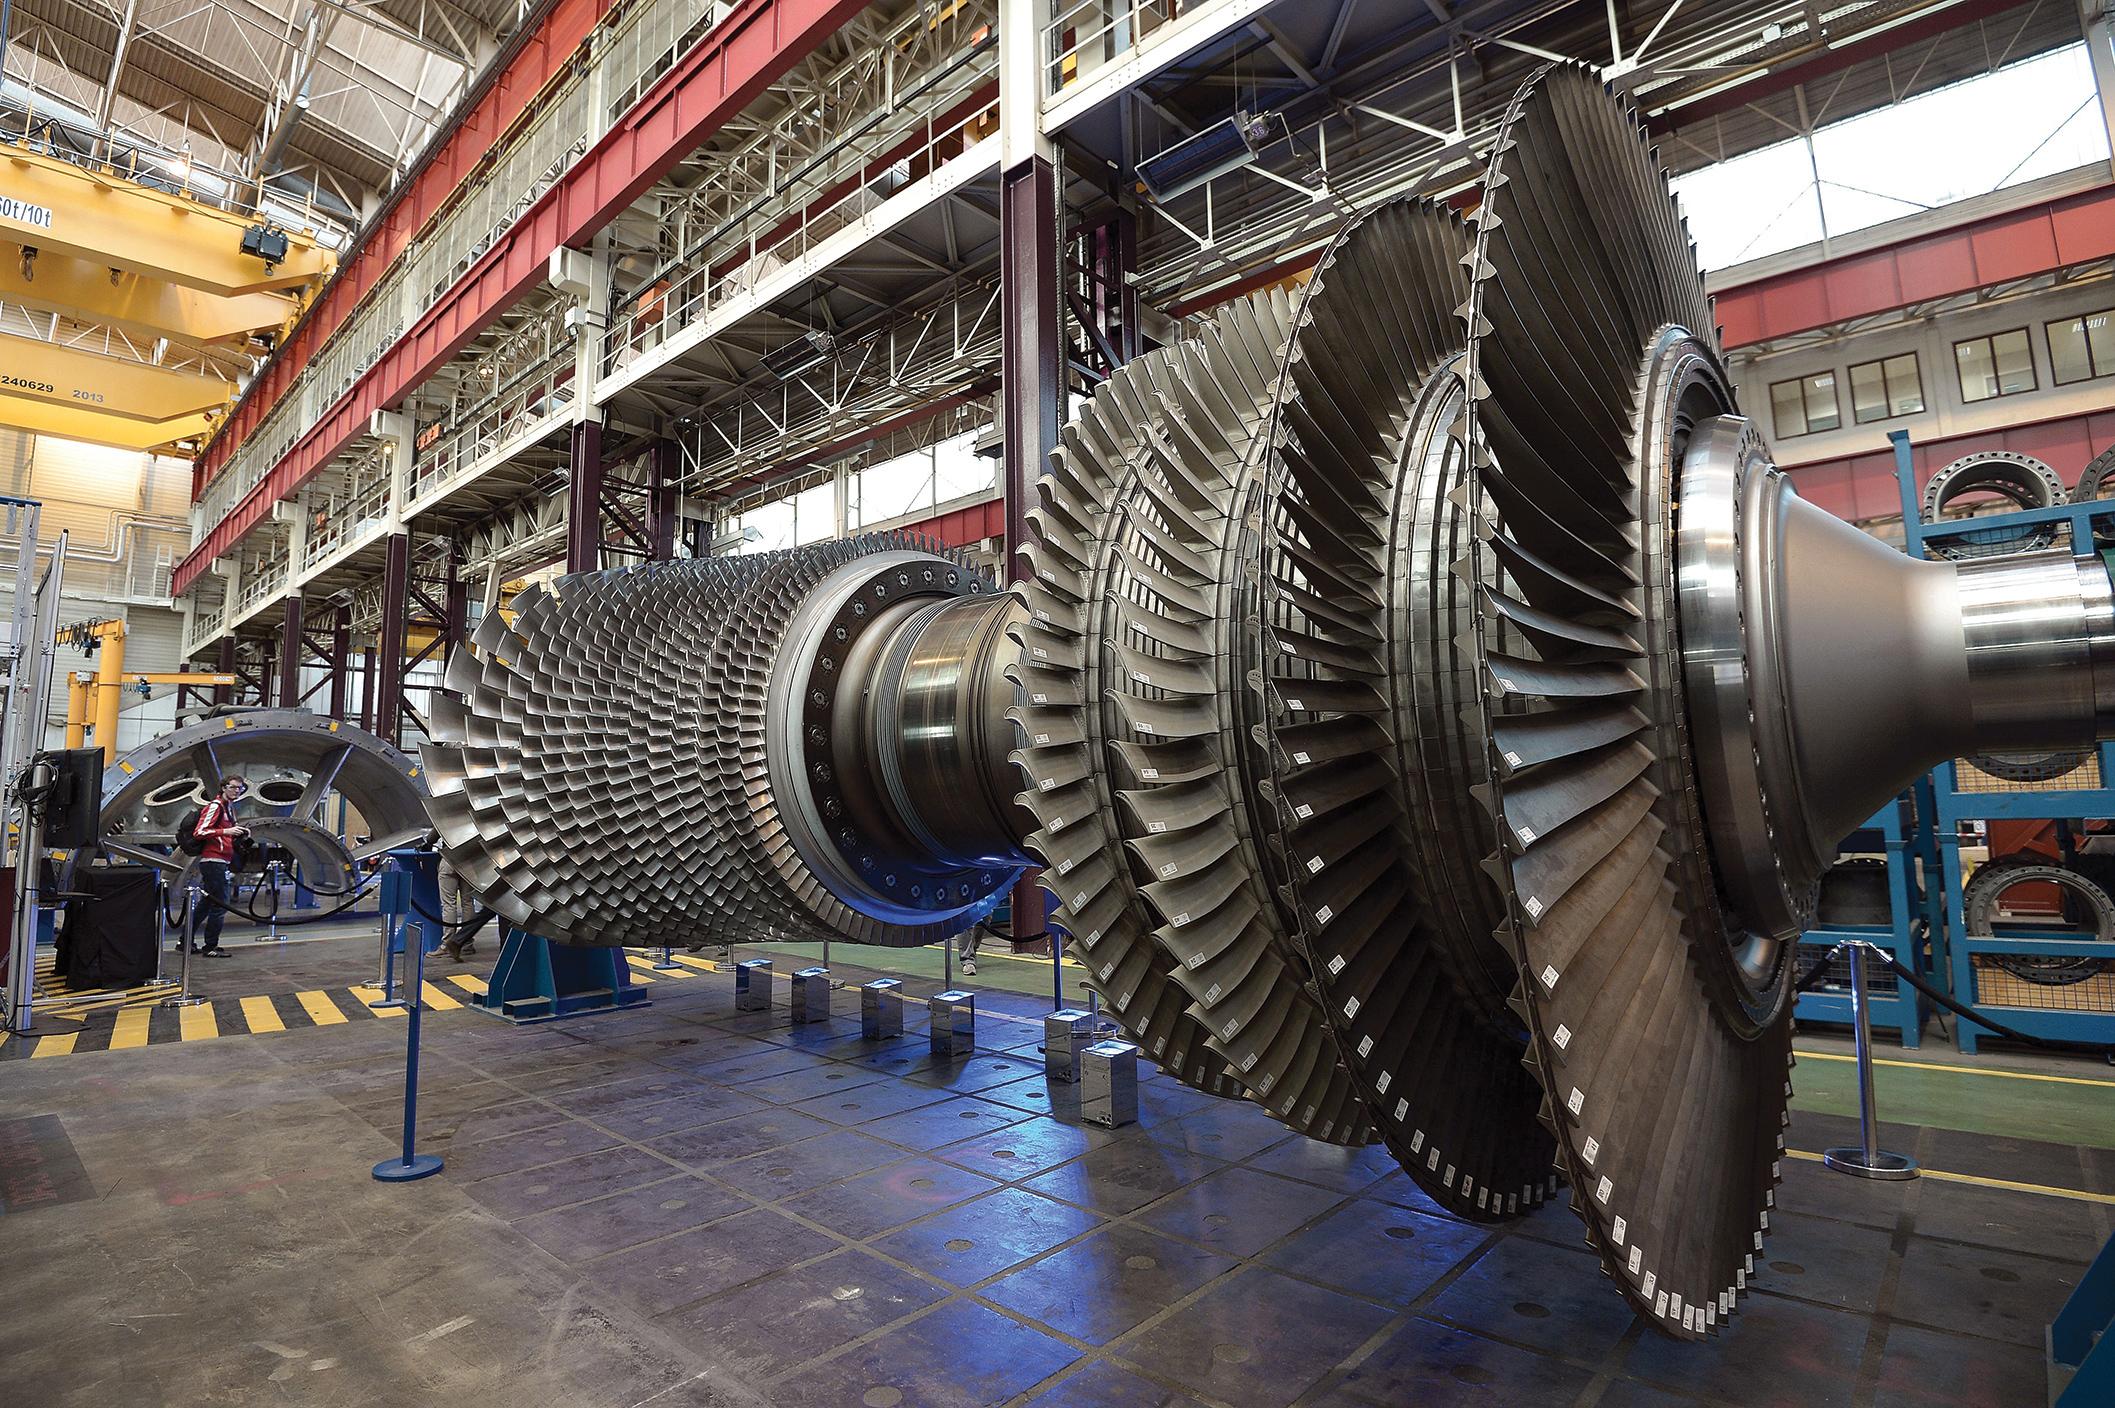 GE utiliza AI para crear continuamente actualizaciones de representaciones digitales de sus máquinas, como esta turbina de gas, la 9HA, en una planta en Belfort, Francia.